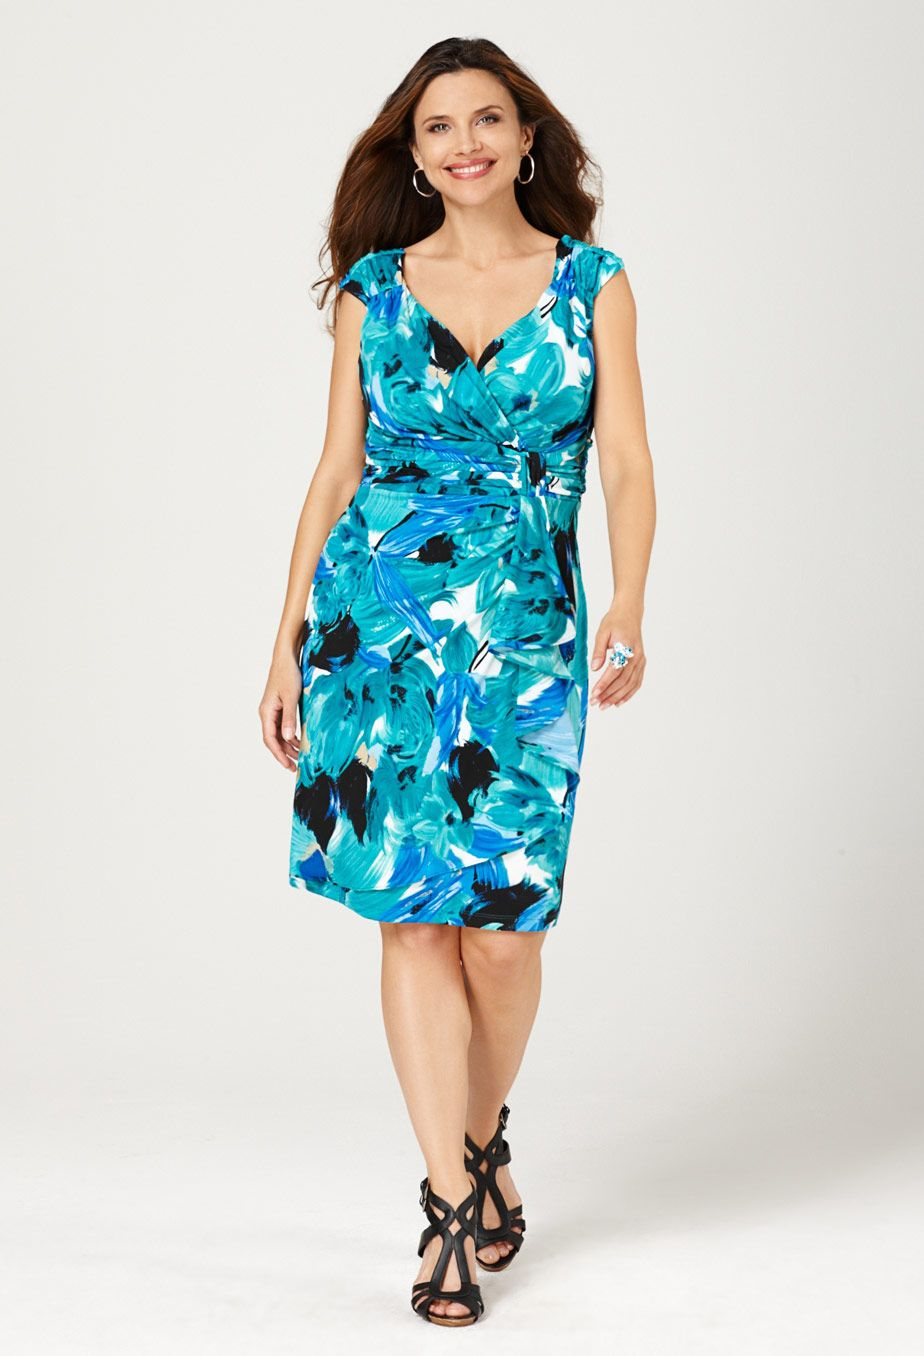 plus size summer dresses plus size summer dress HYONUWM